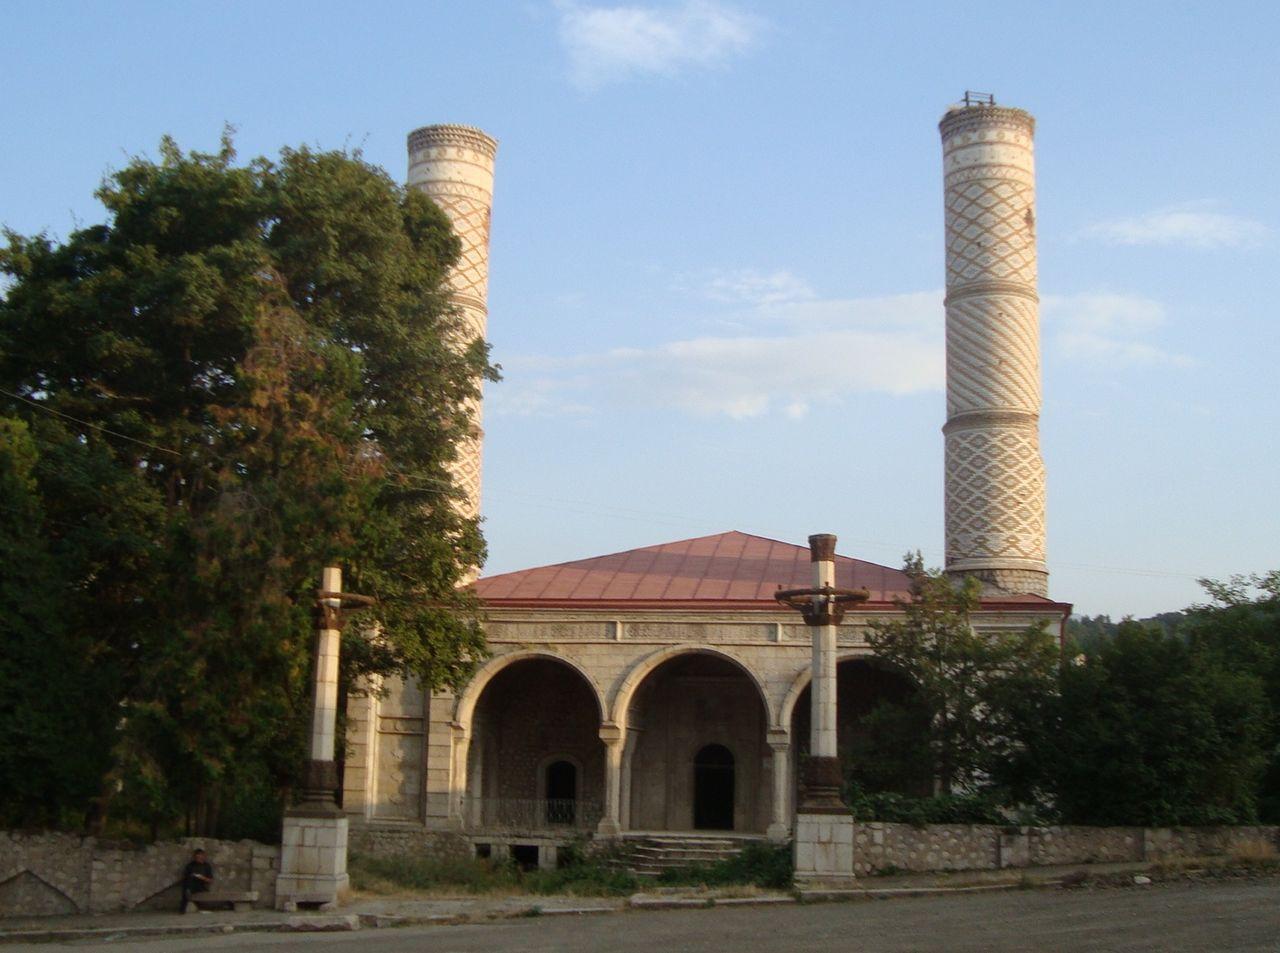 Верхняя мечеть Гевхар-аги. Расположение: Шуша, Азербайджан / Нагорно-Карабахская Республика (Арцах)